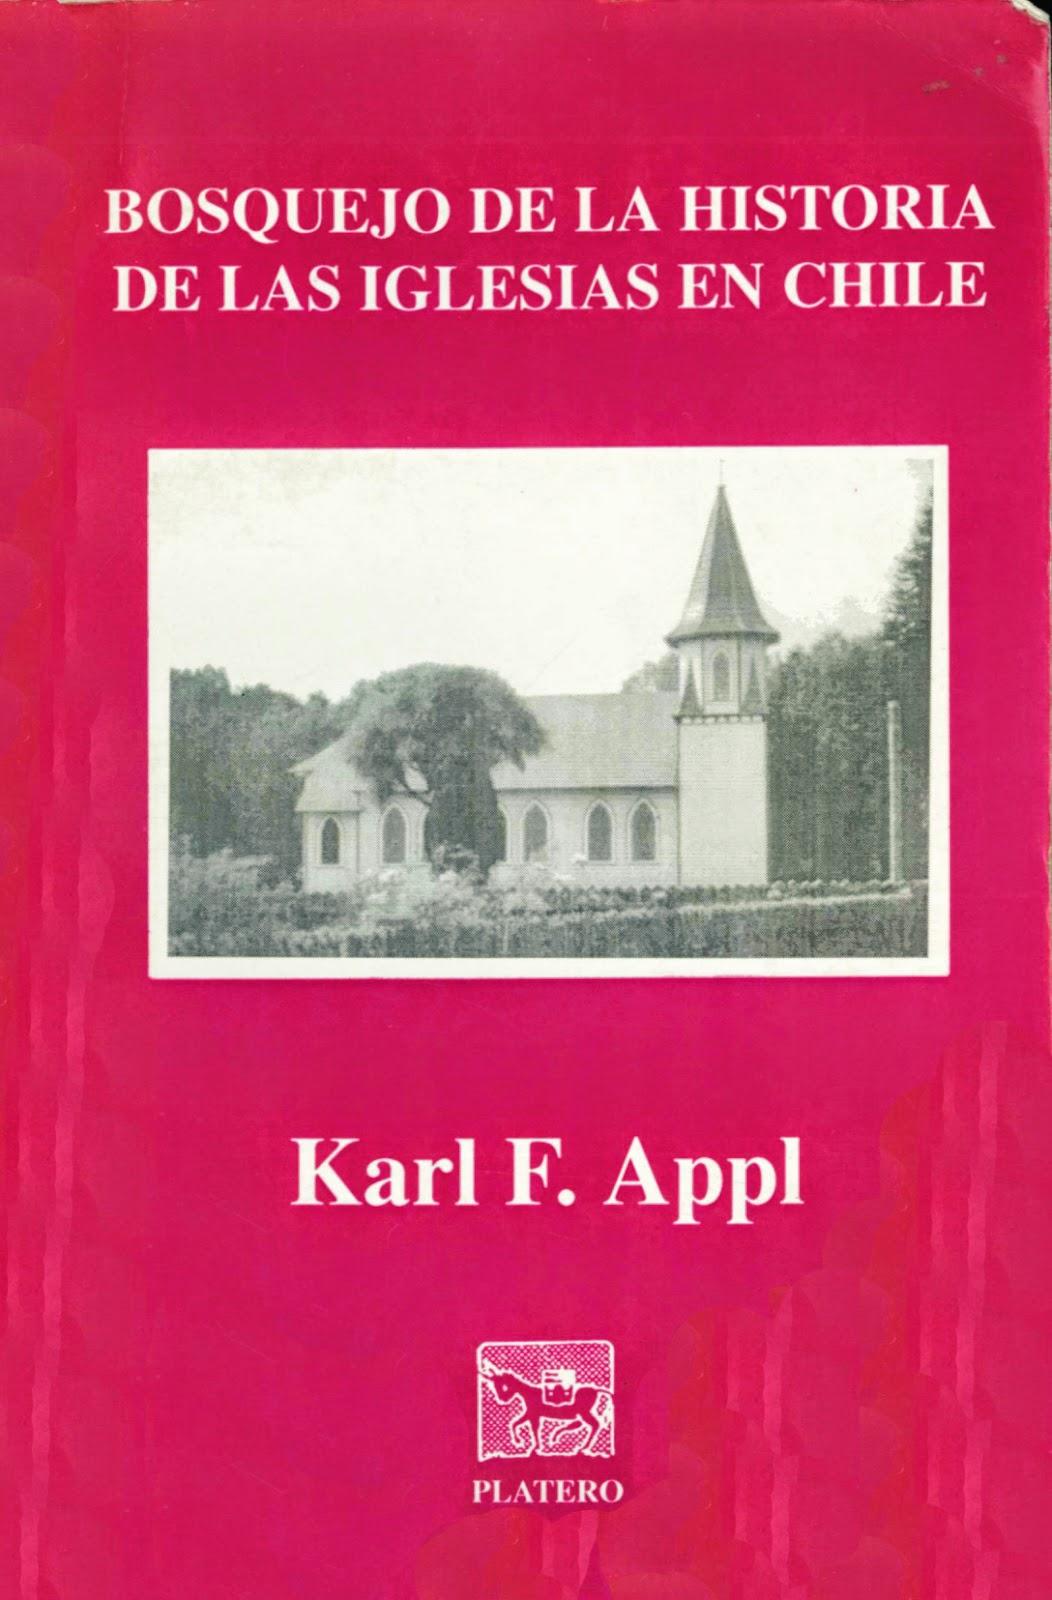 Karl F. Appl-Bosquejo De La Historia De Las Iglesias En Chile-